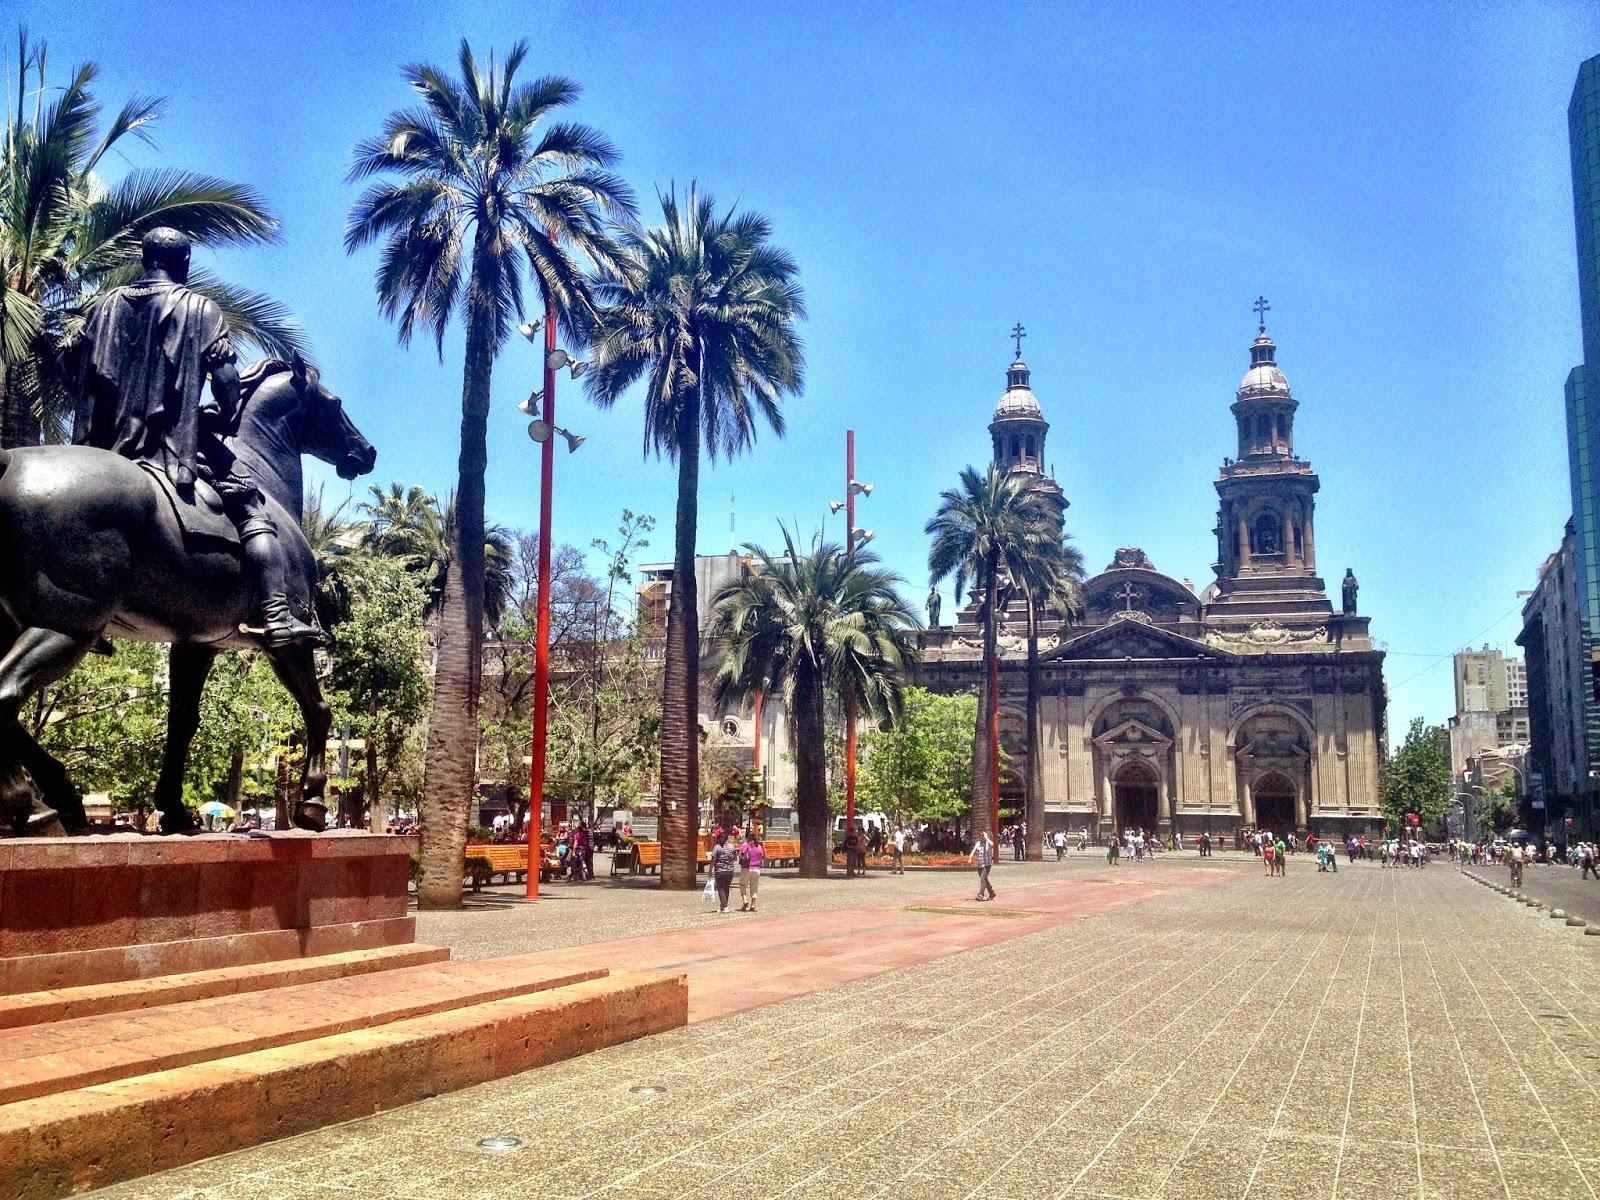 Plaza de Armas, looking towards Catedral de Santiago